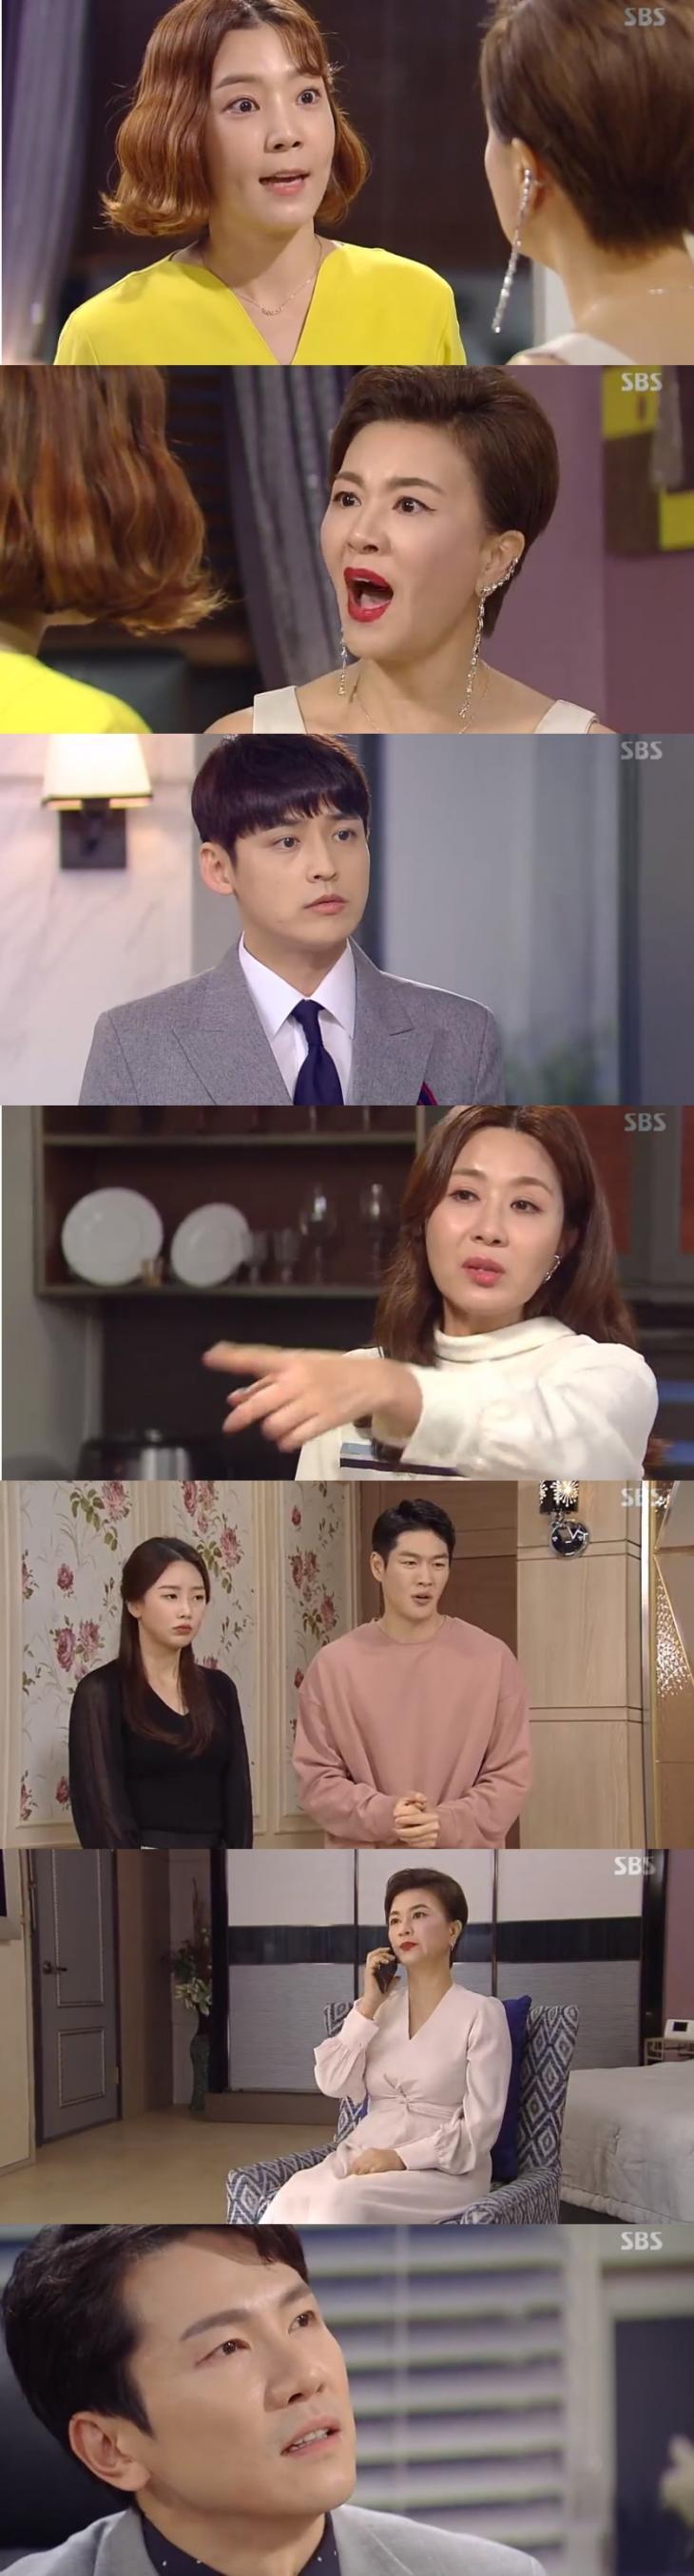 SBS '수상한장모' 캡처